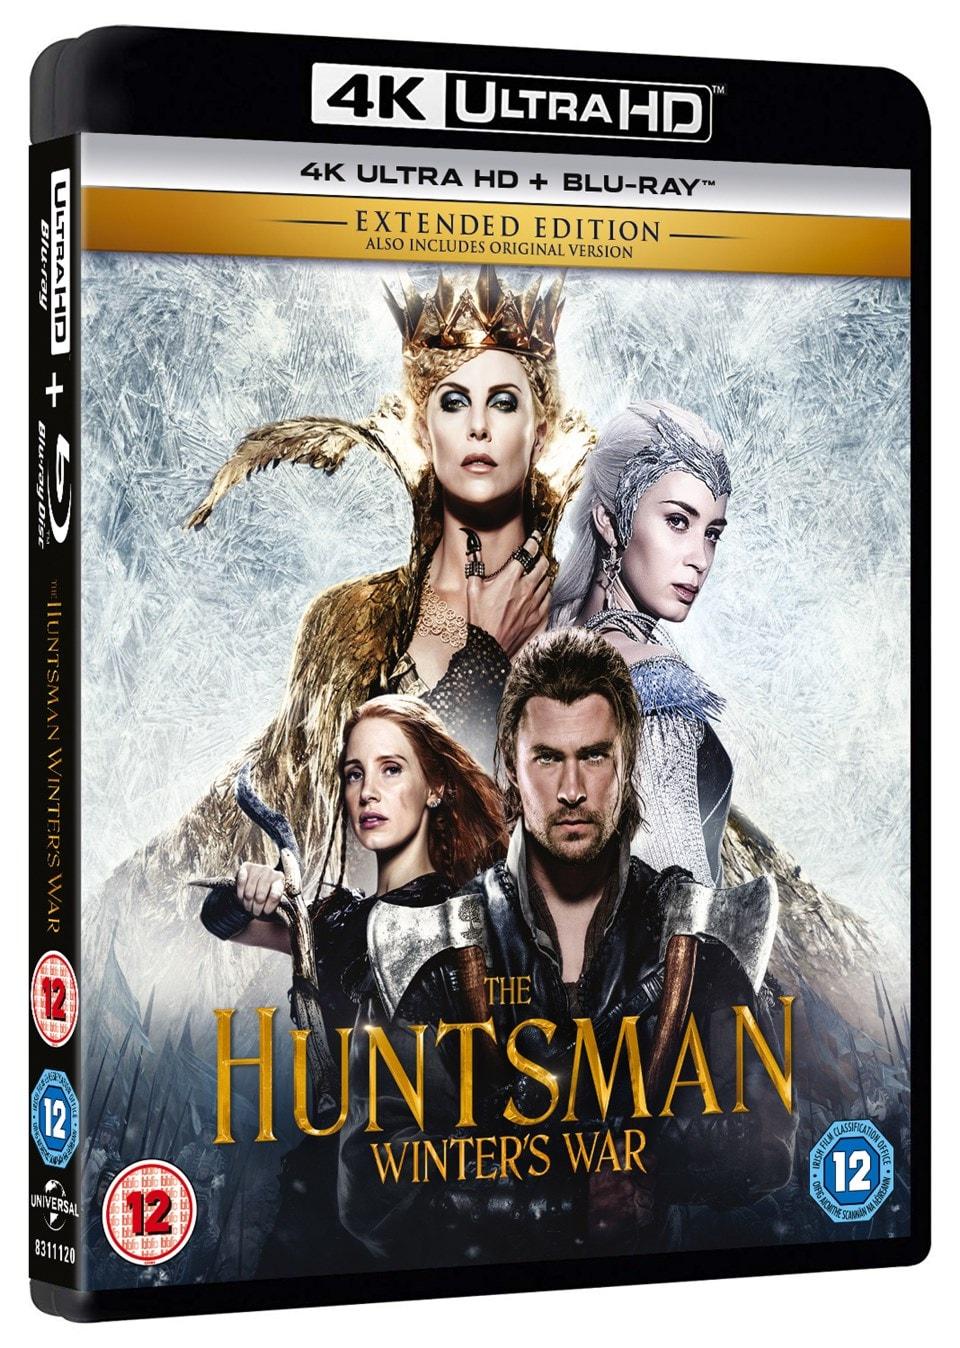 The Huntsman - Winter's War - 2